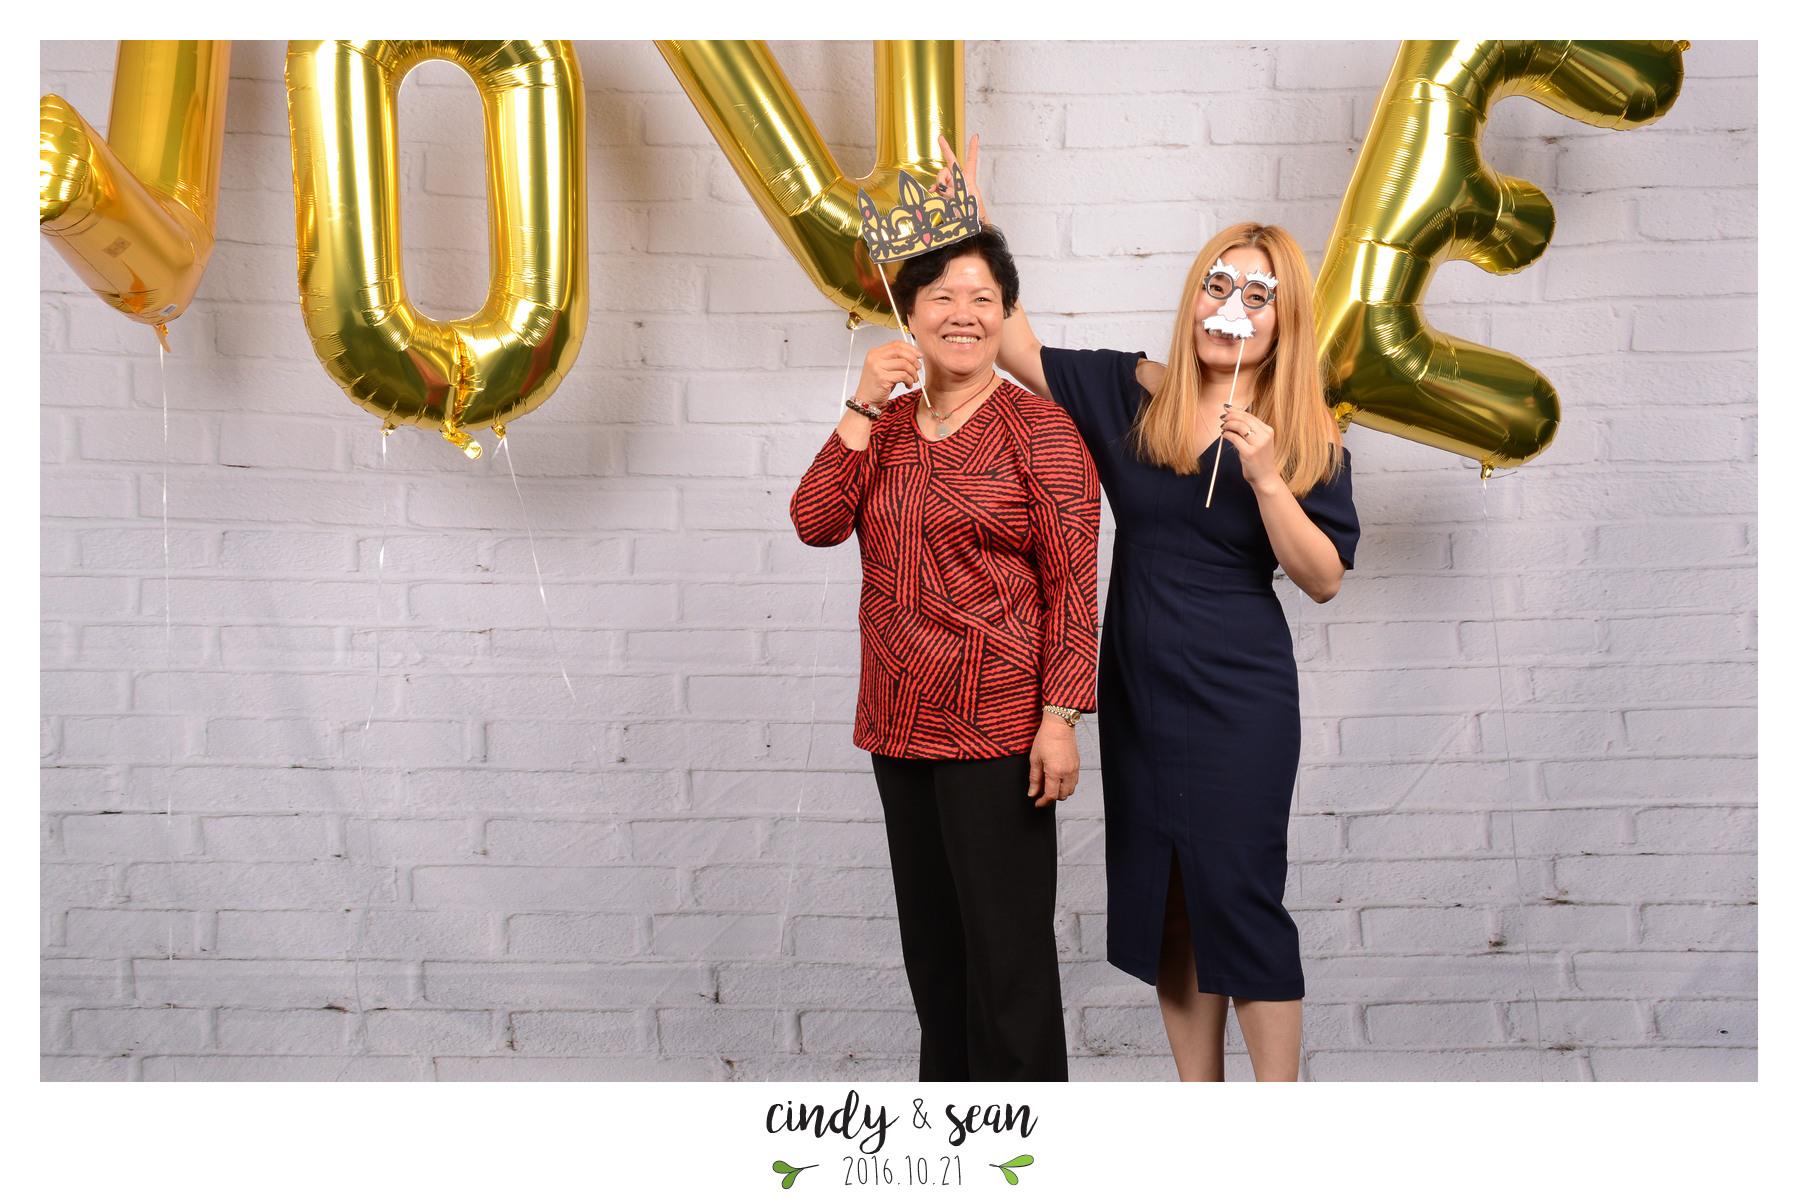 Cindy Sean Bae - 0001-129.jpg